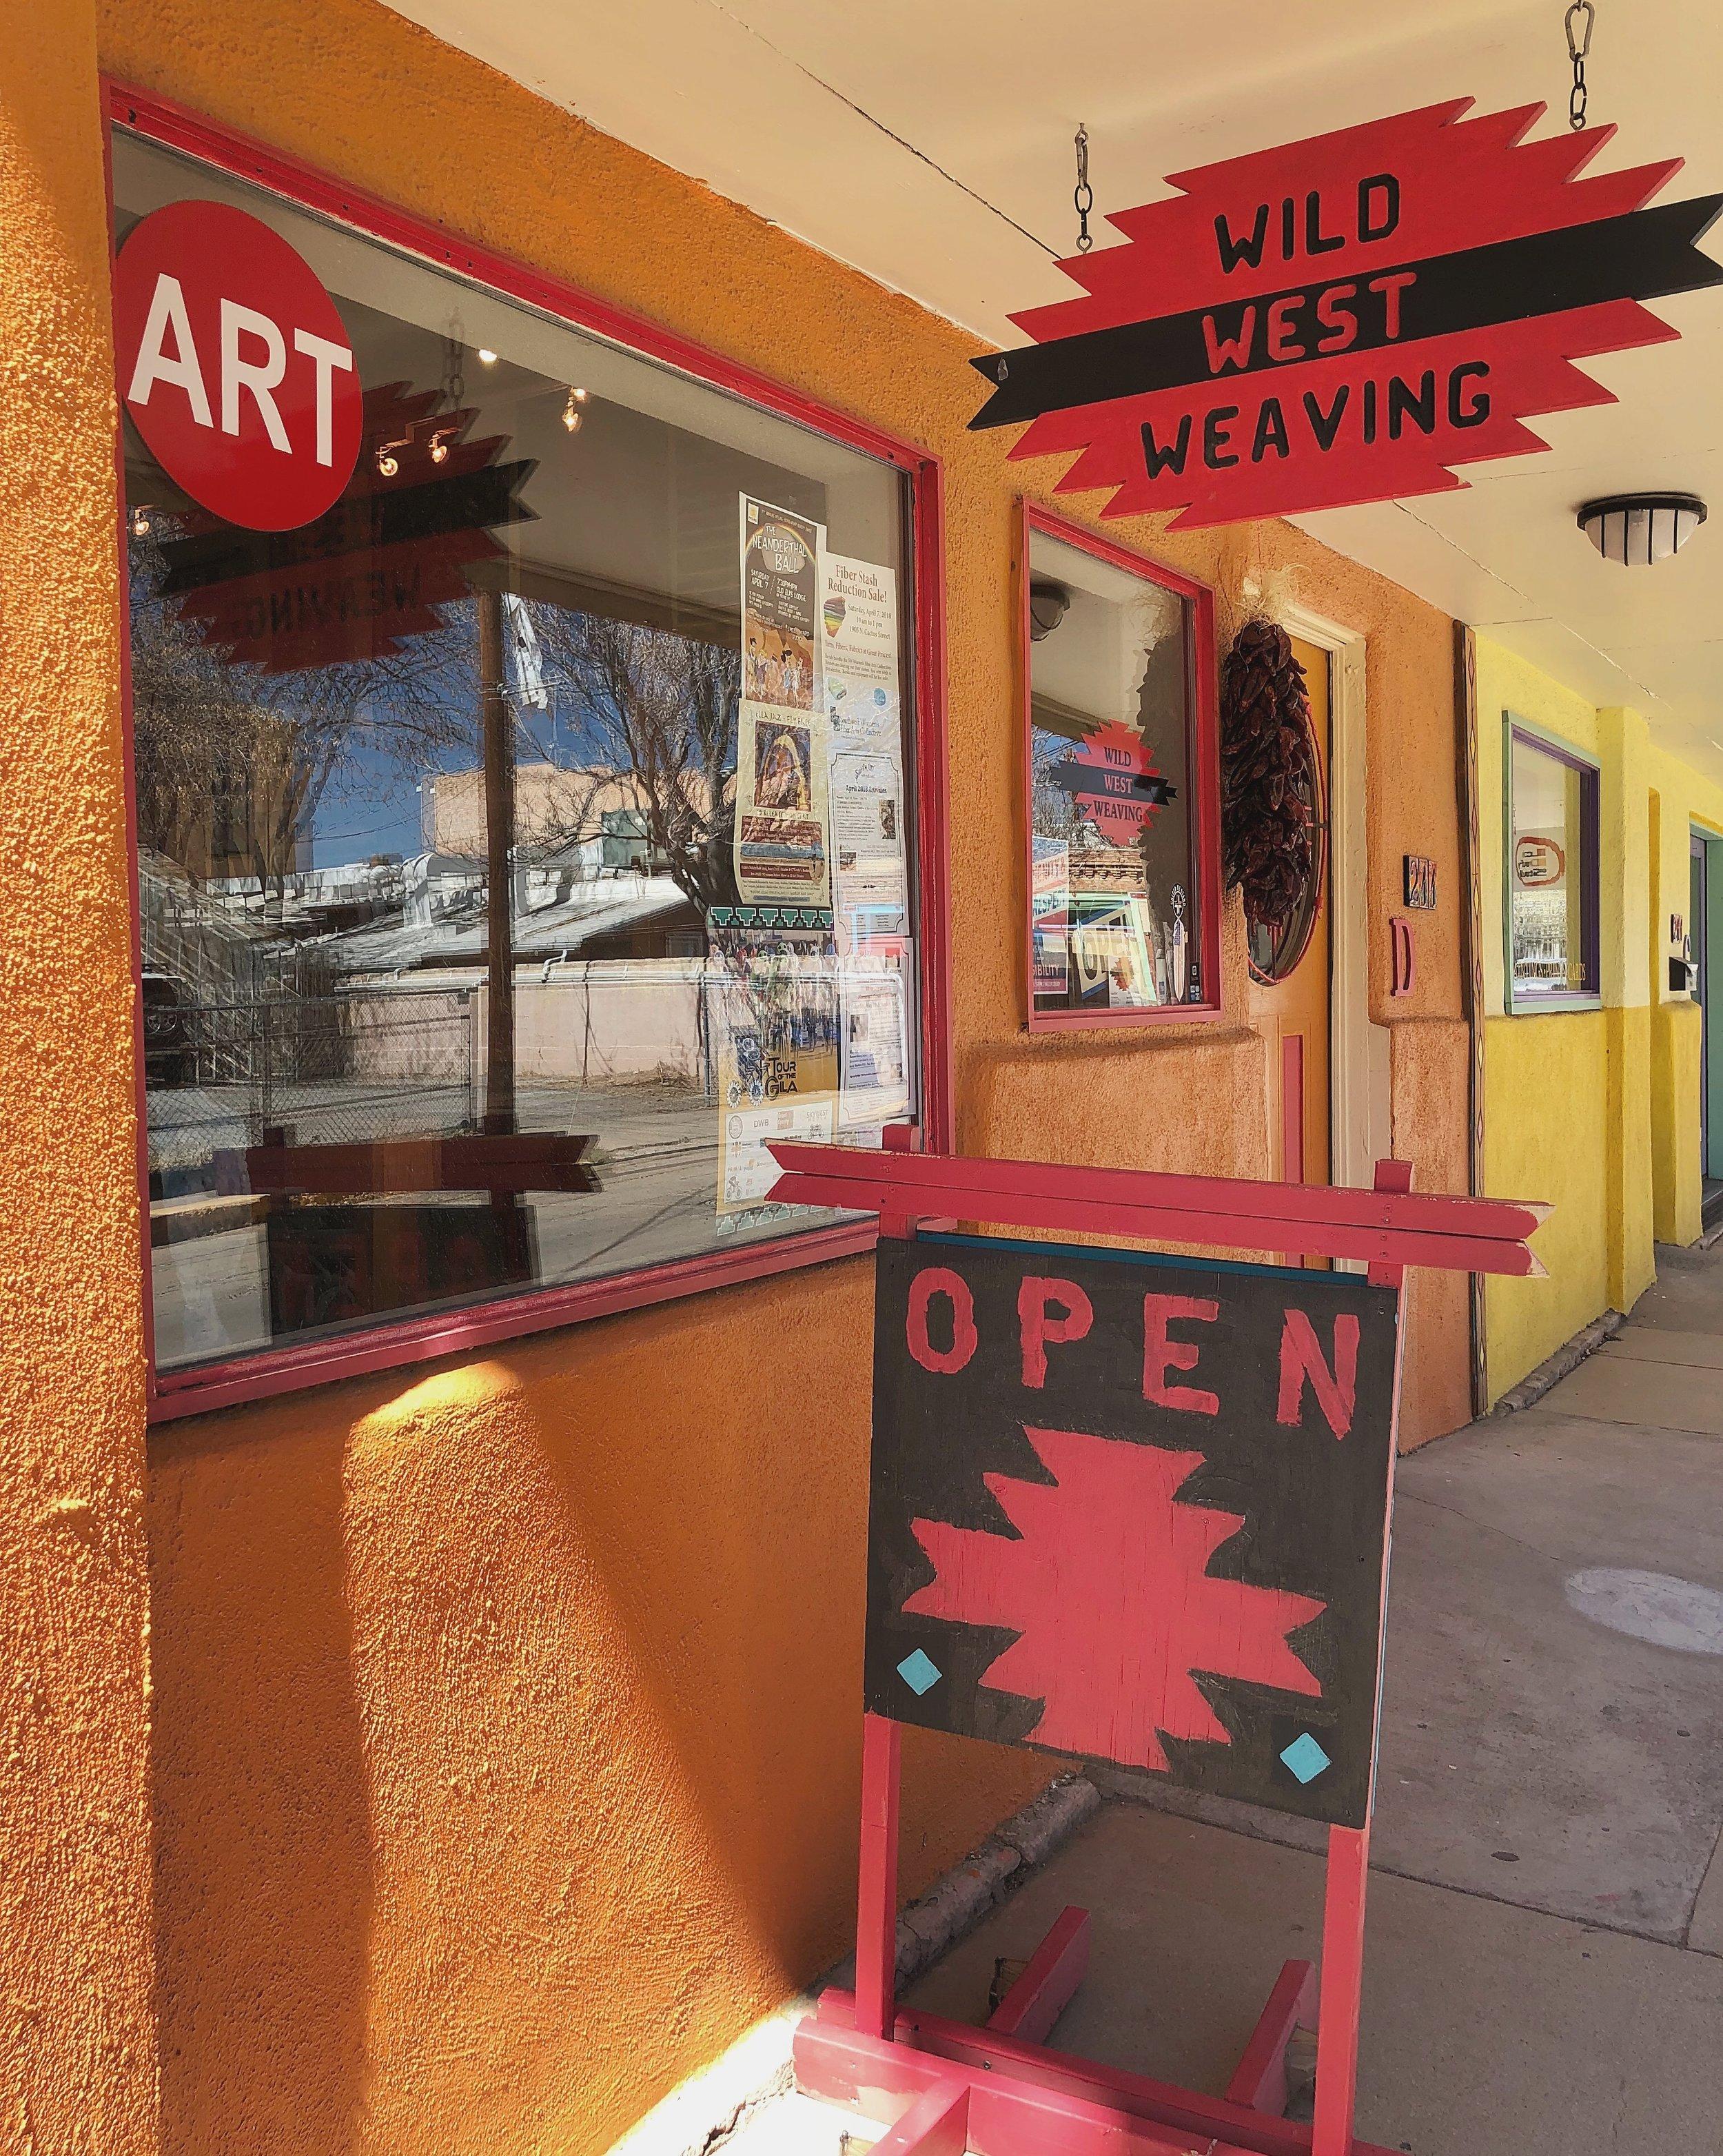 Wild West Weaving - Jimmi McCraw - Hosana Eilert211 N. Texas Street Suite DSilver City, NM 88061Tel: 575-313-1032wildwestweaving@gmail.com